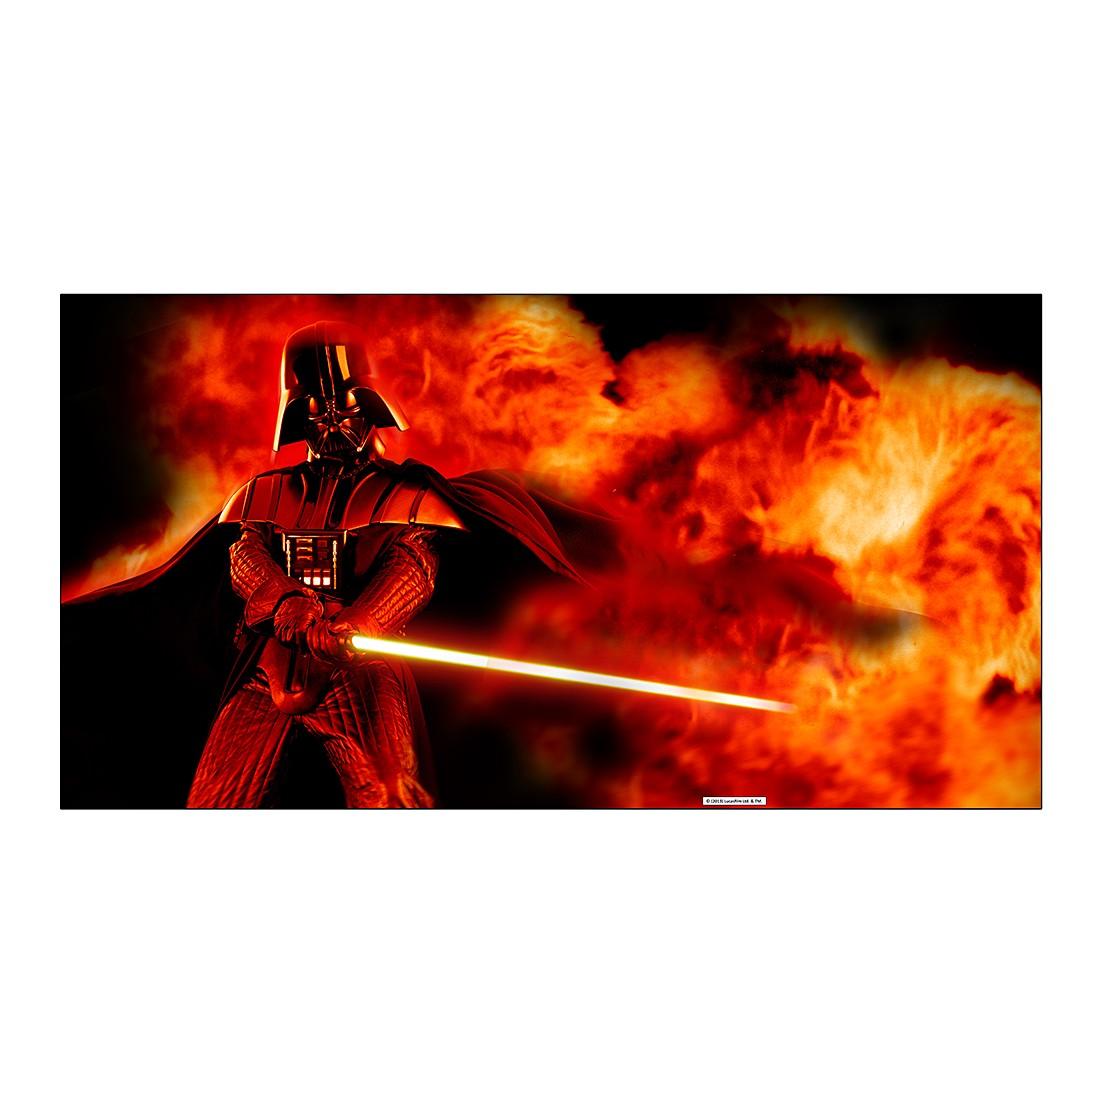 Aluminiumbild Darth Vader Lightsaber Explosion – Abmessung: 100 x 50 cm, Gallery of Innovative Art günstig bestellen